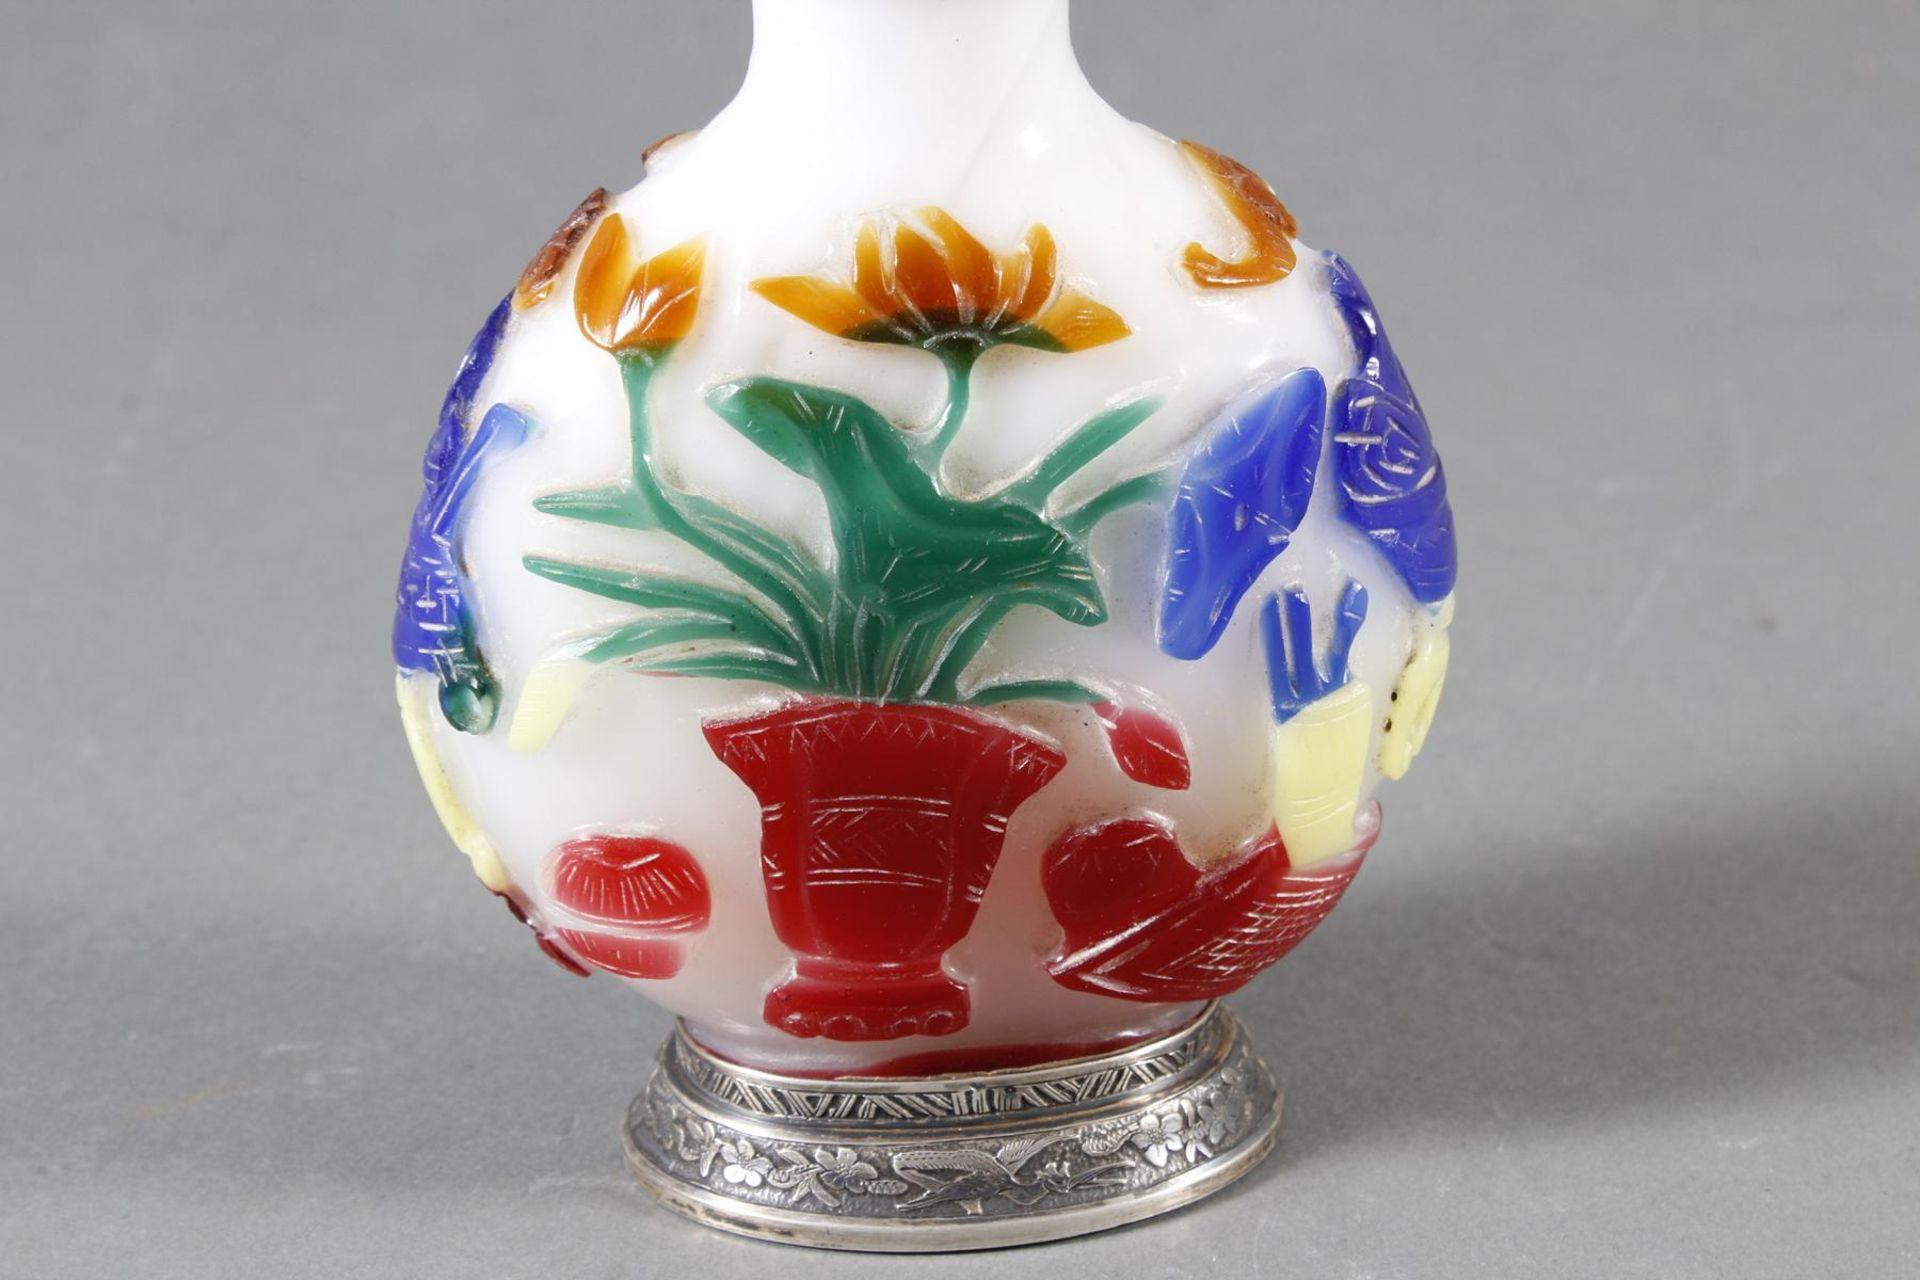 Snuff bottle, Überfangglas mit Silbermontur, China Anfang 20. Jahrhundert - Bild 5 aus 12